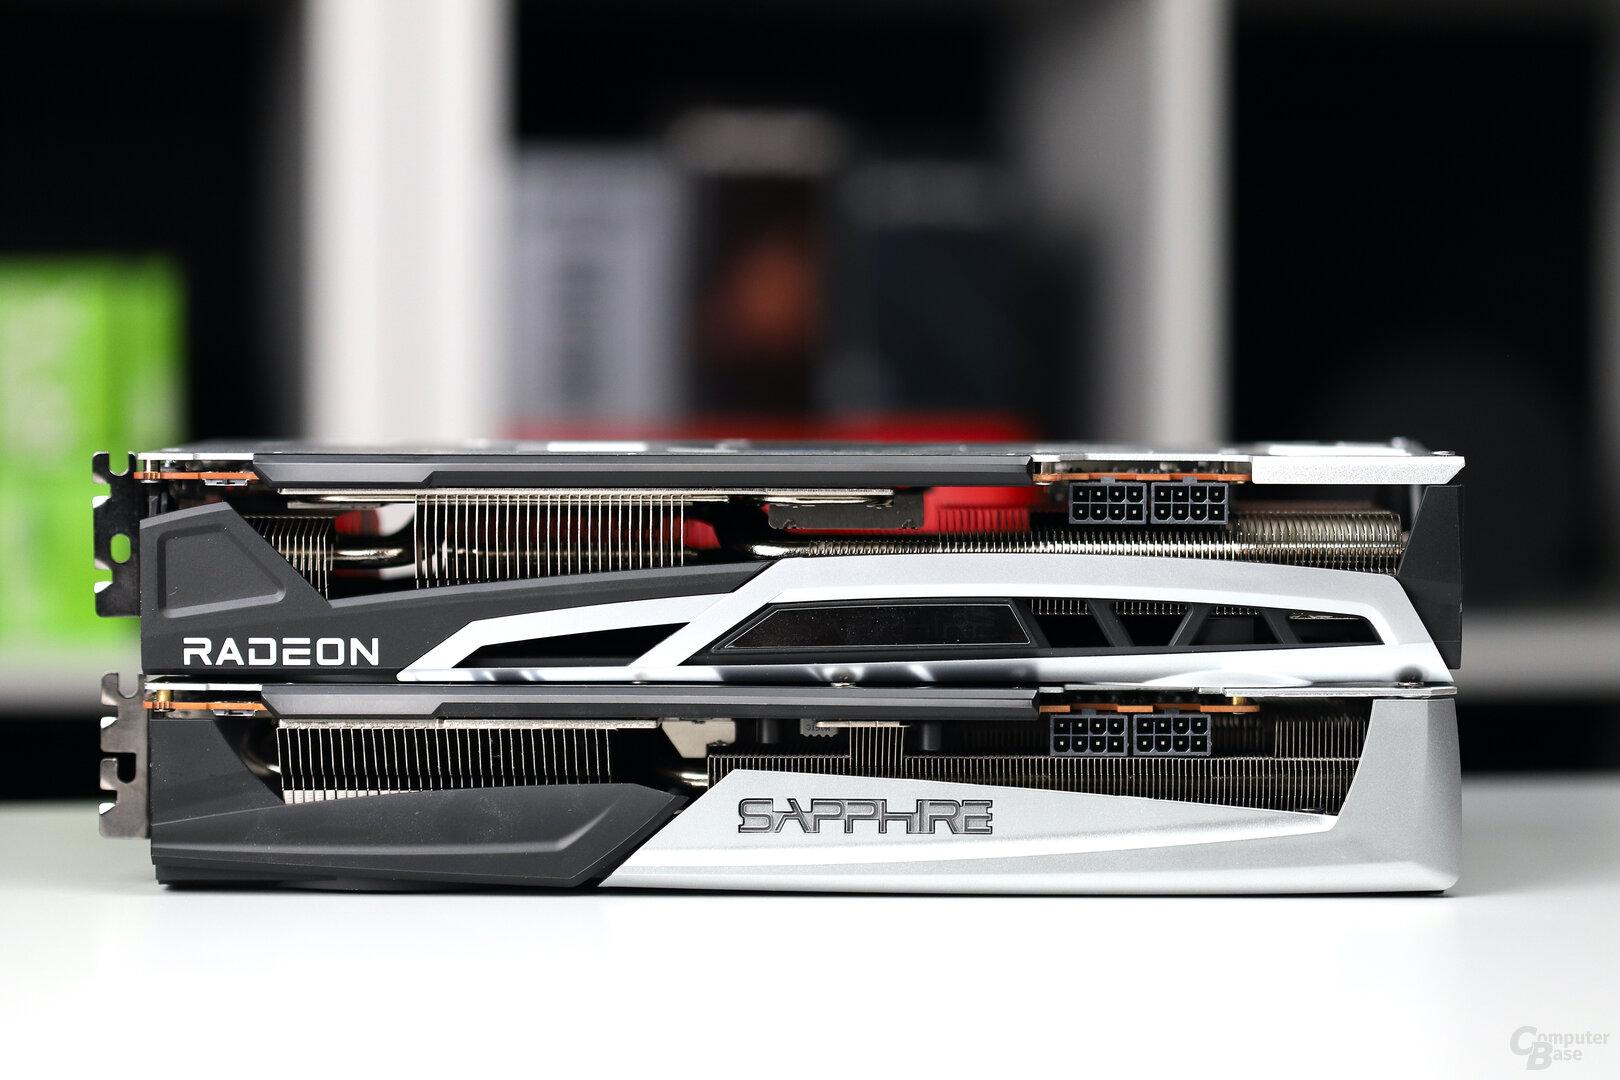 Sapphire RX 6800 XT Nitro+ (oben) und RX 5700 XT Nitro+ (unten)